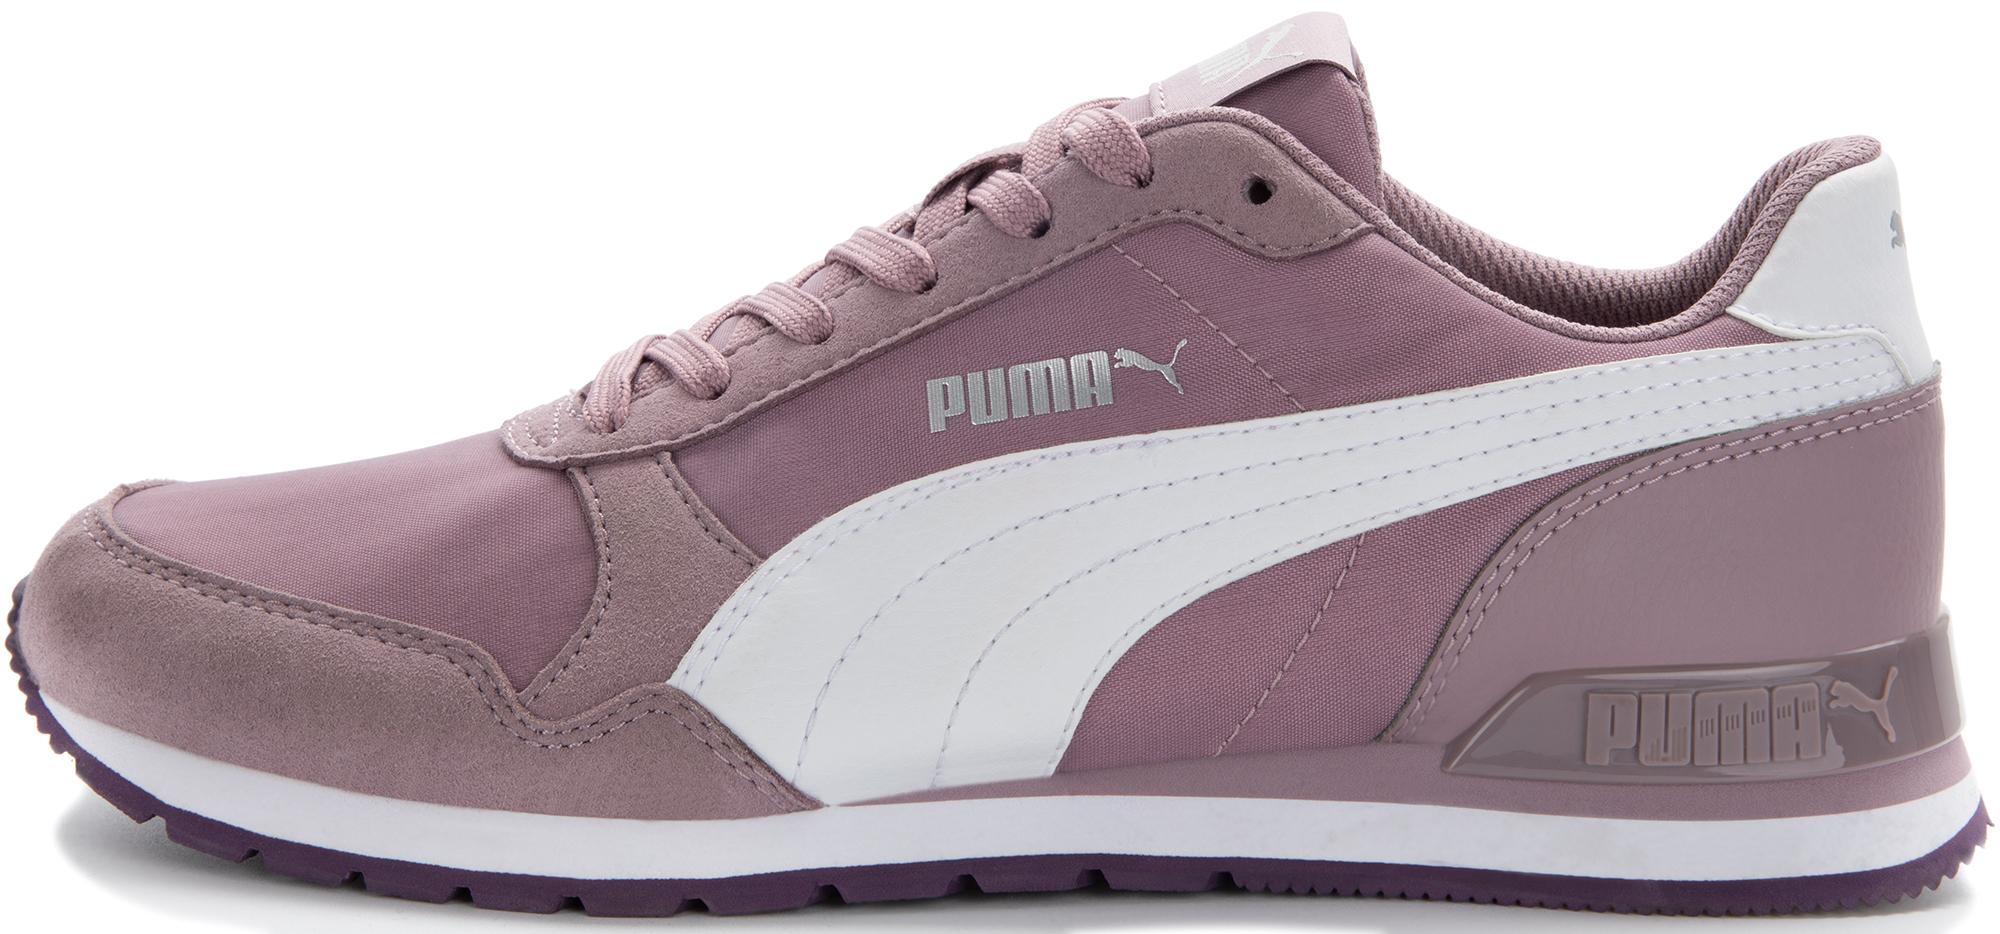 Puma Кроссовки женские Puma St Runner V2 Nl, размер 39,5